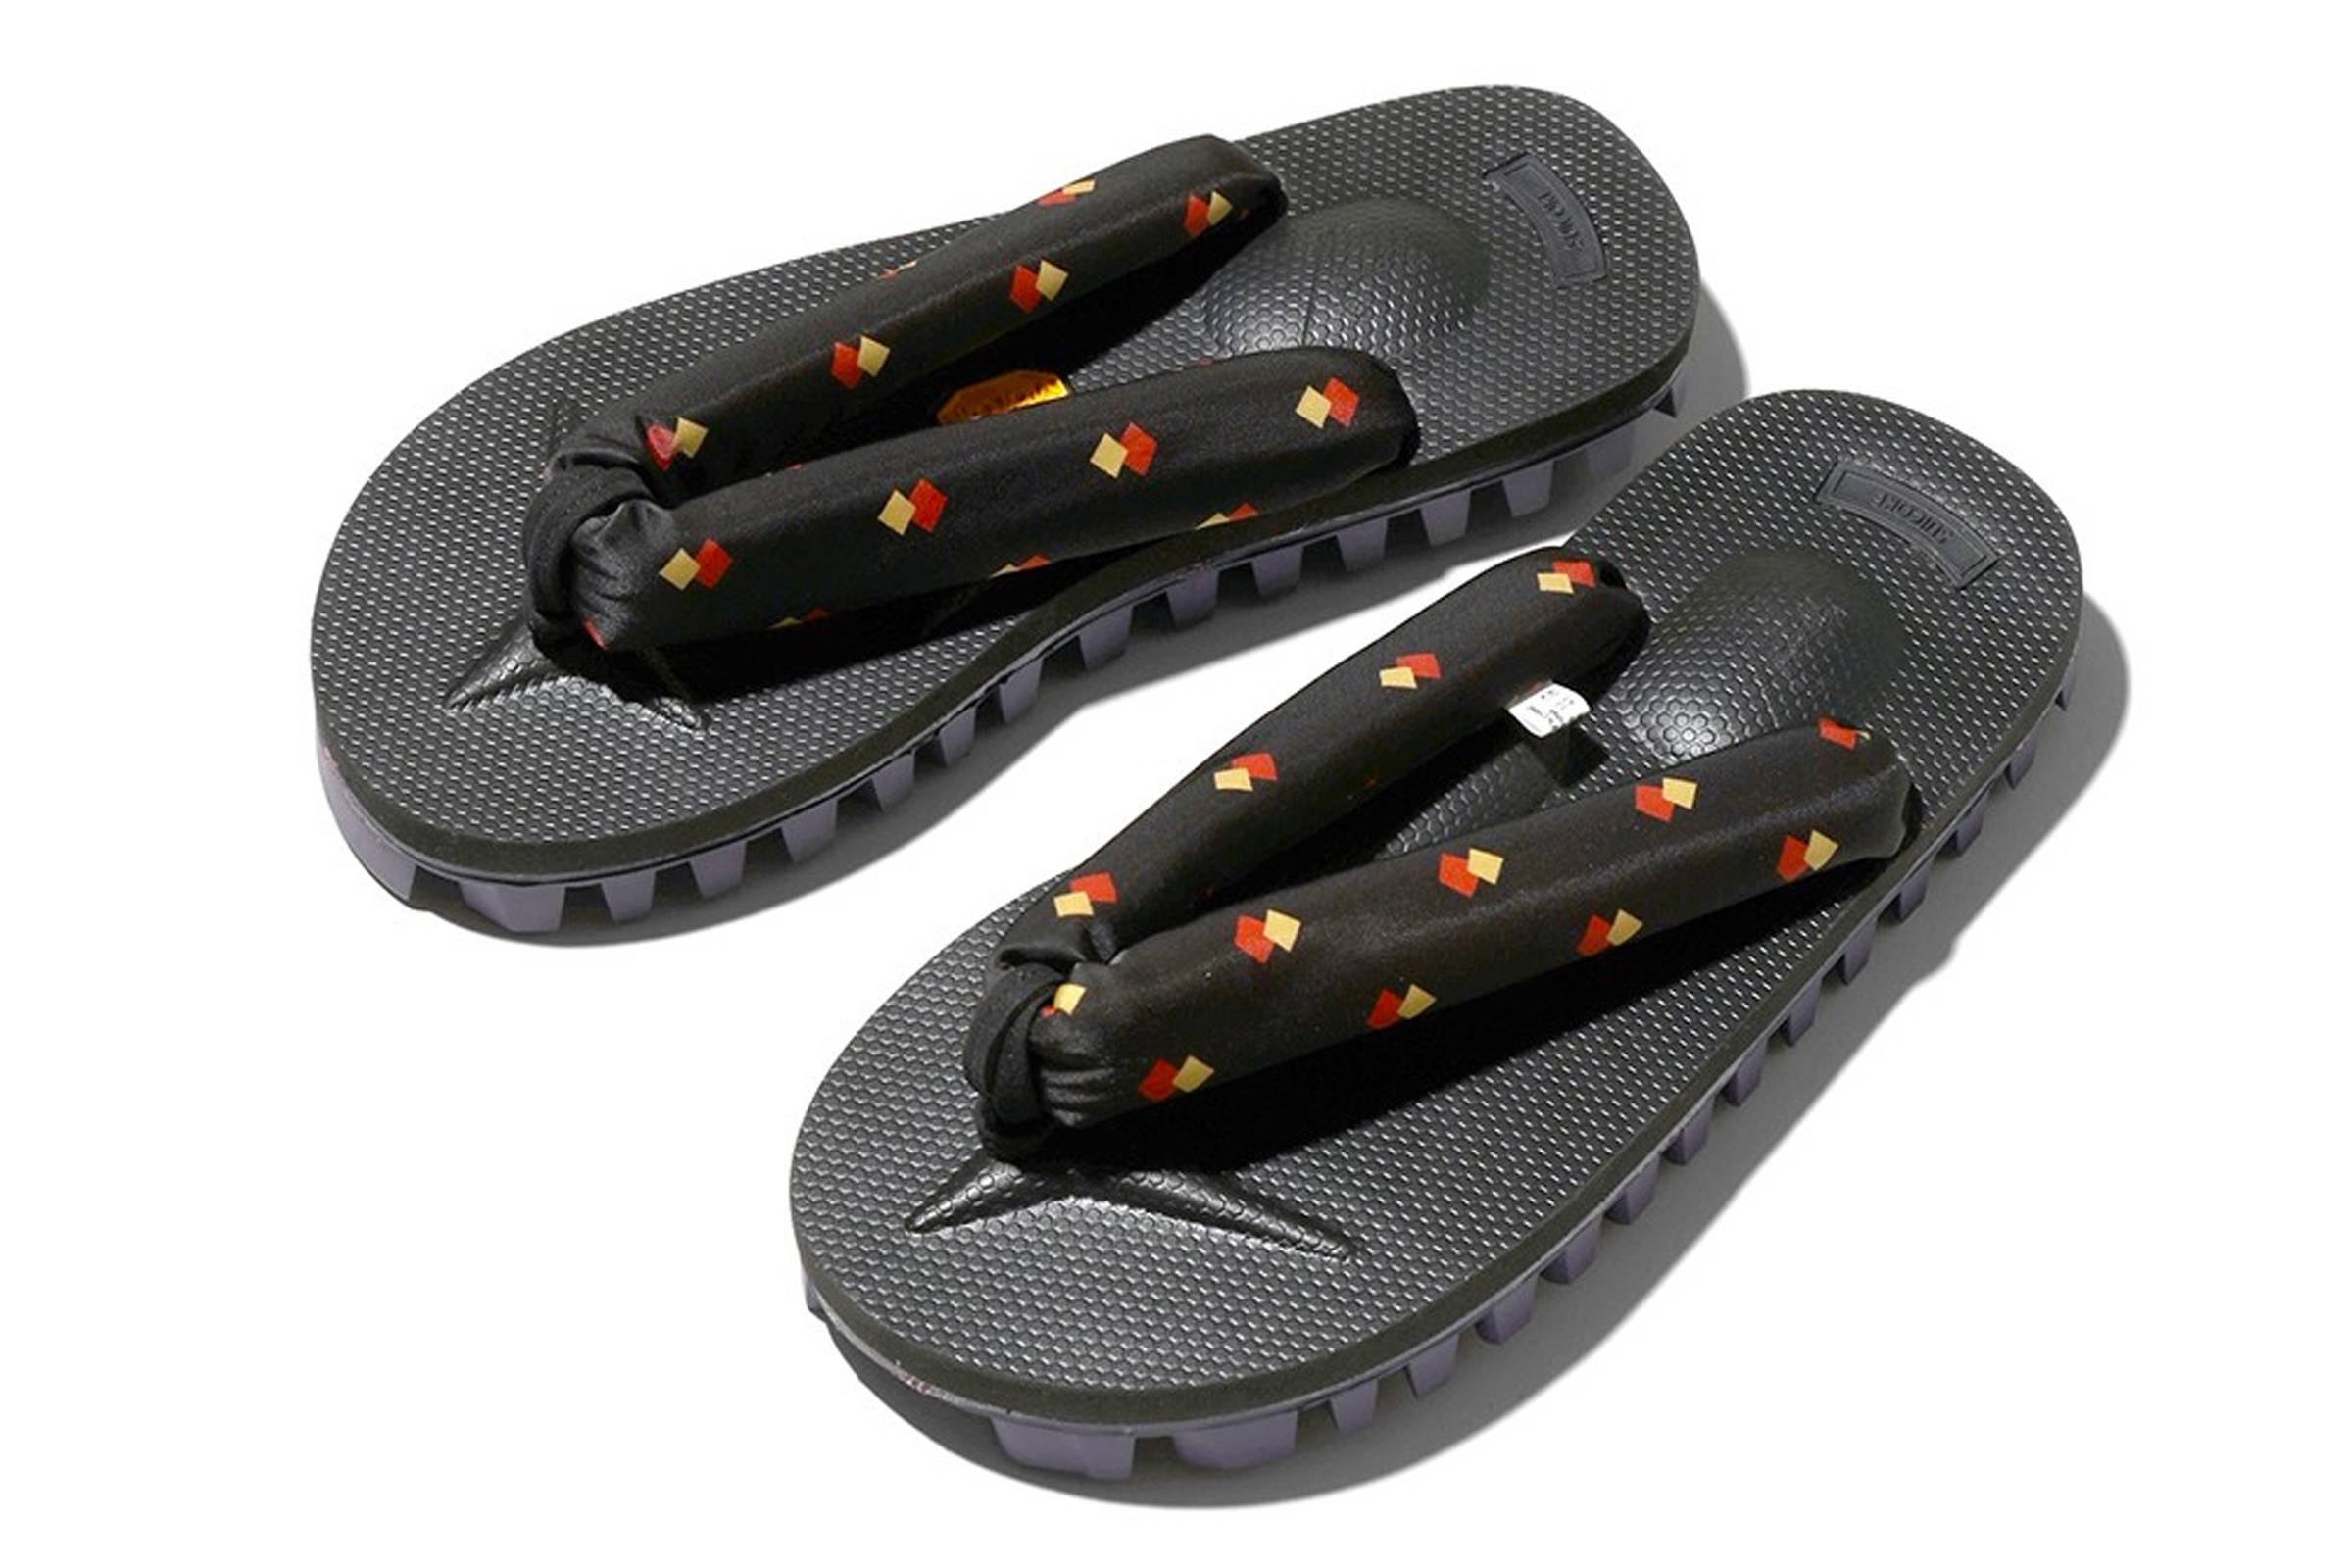 Needles x Suicoke Geta sandal